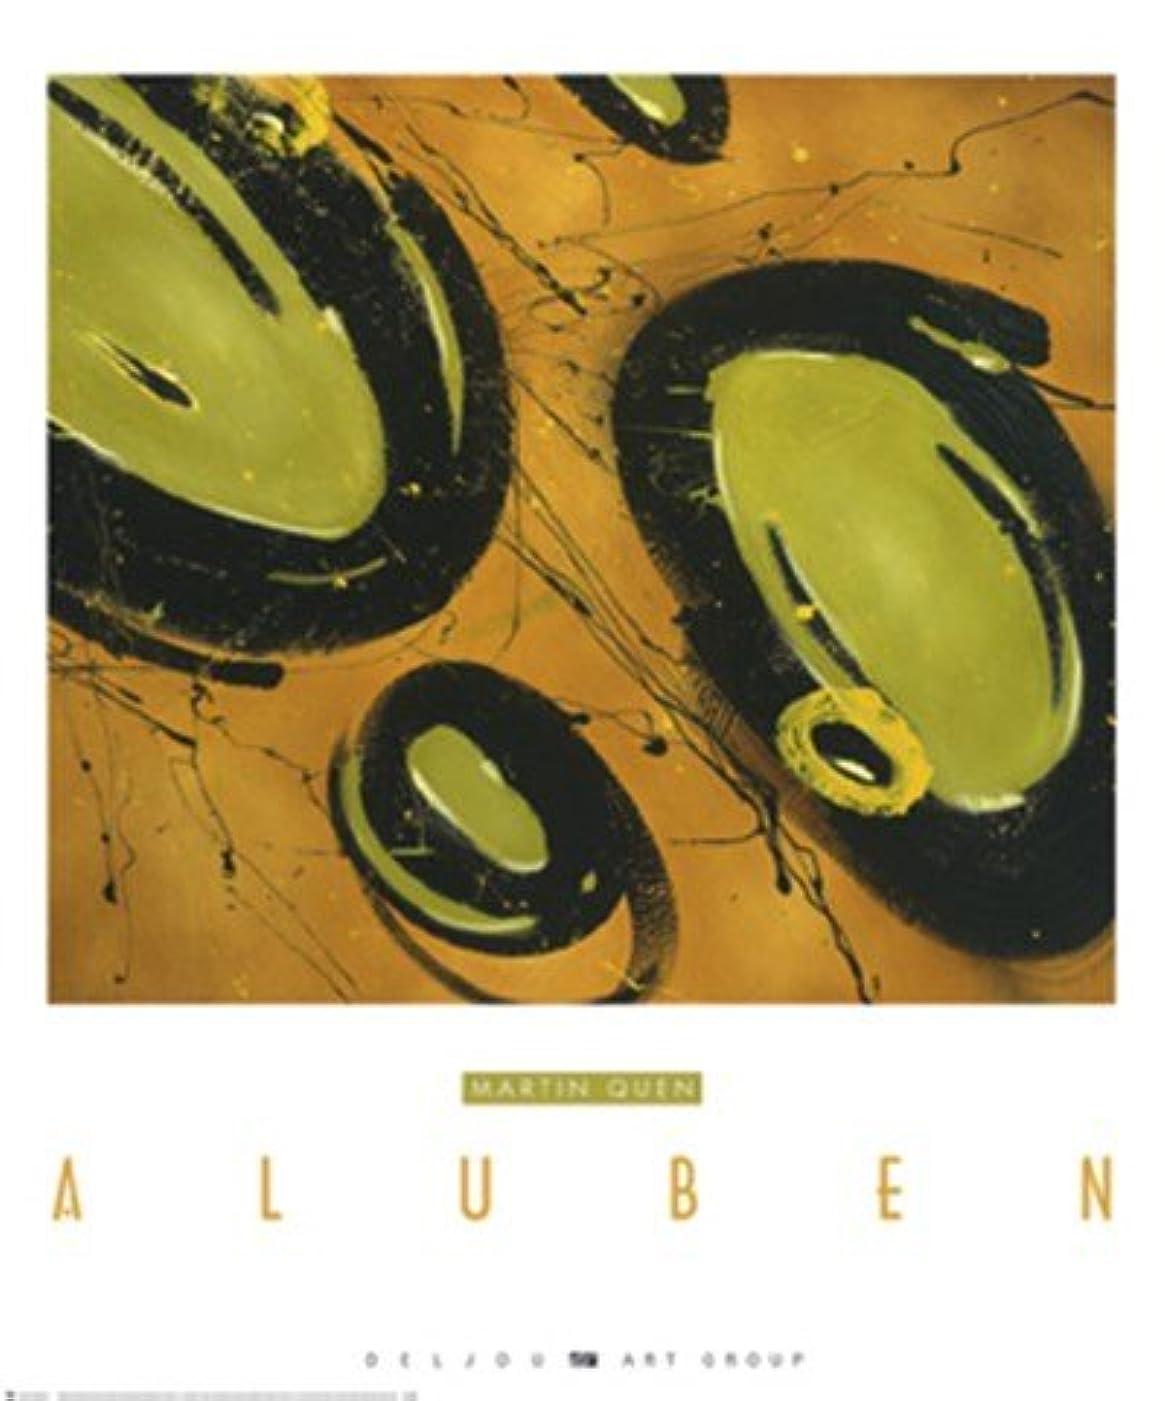 検索エンジンマーケティングホーム契約Aluben by Martin Quen – 38 x 45インチ – アートプリントポスター